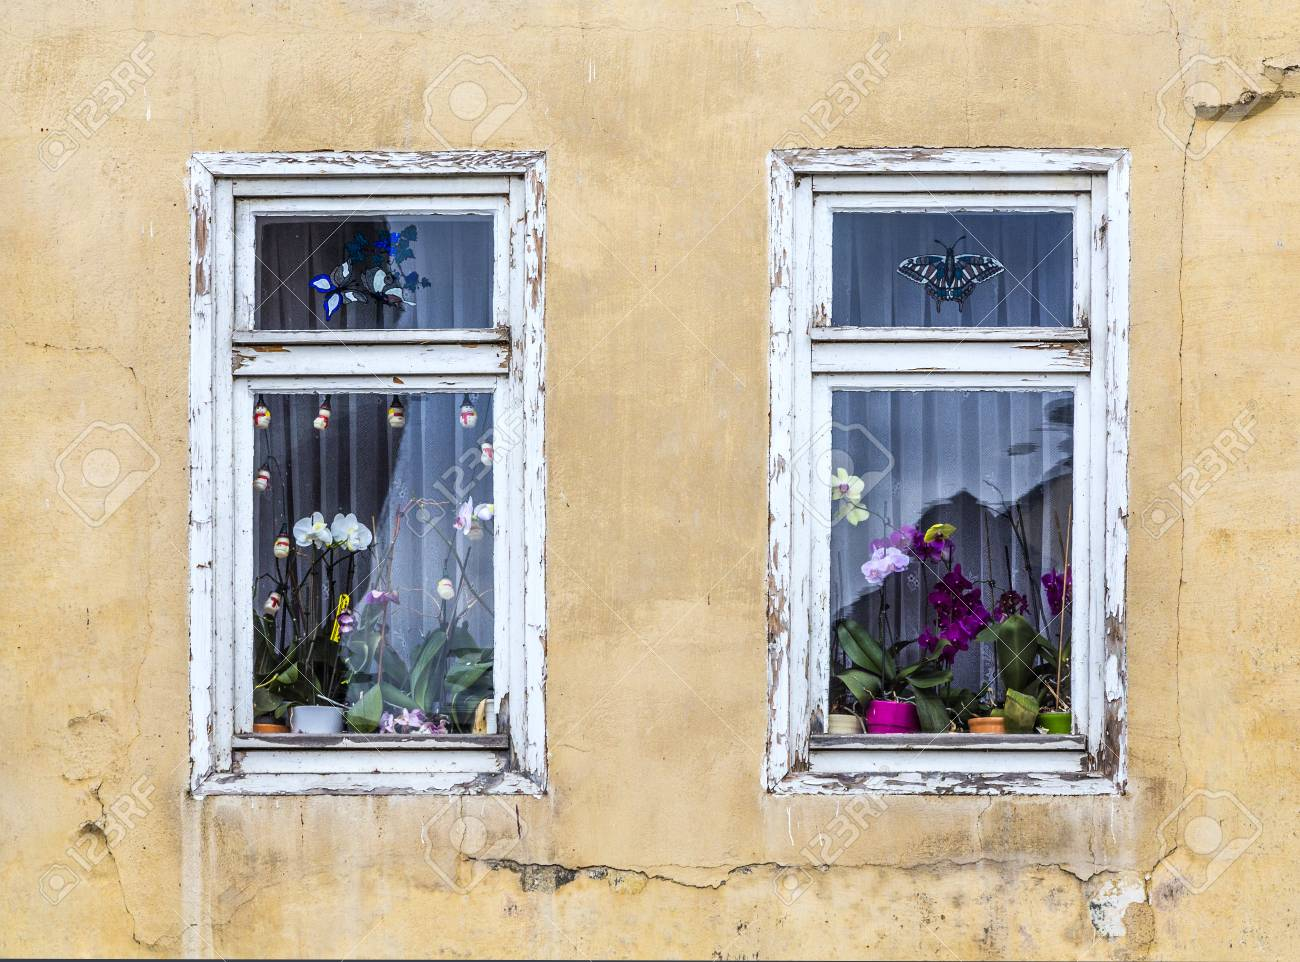 ancienne fenetre avec fleur d orchidee decoration interieure